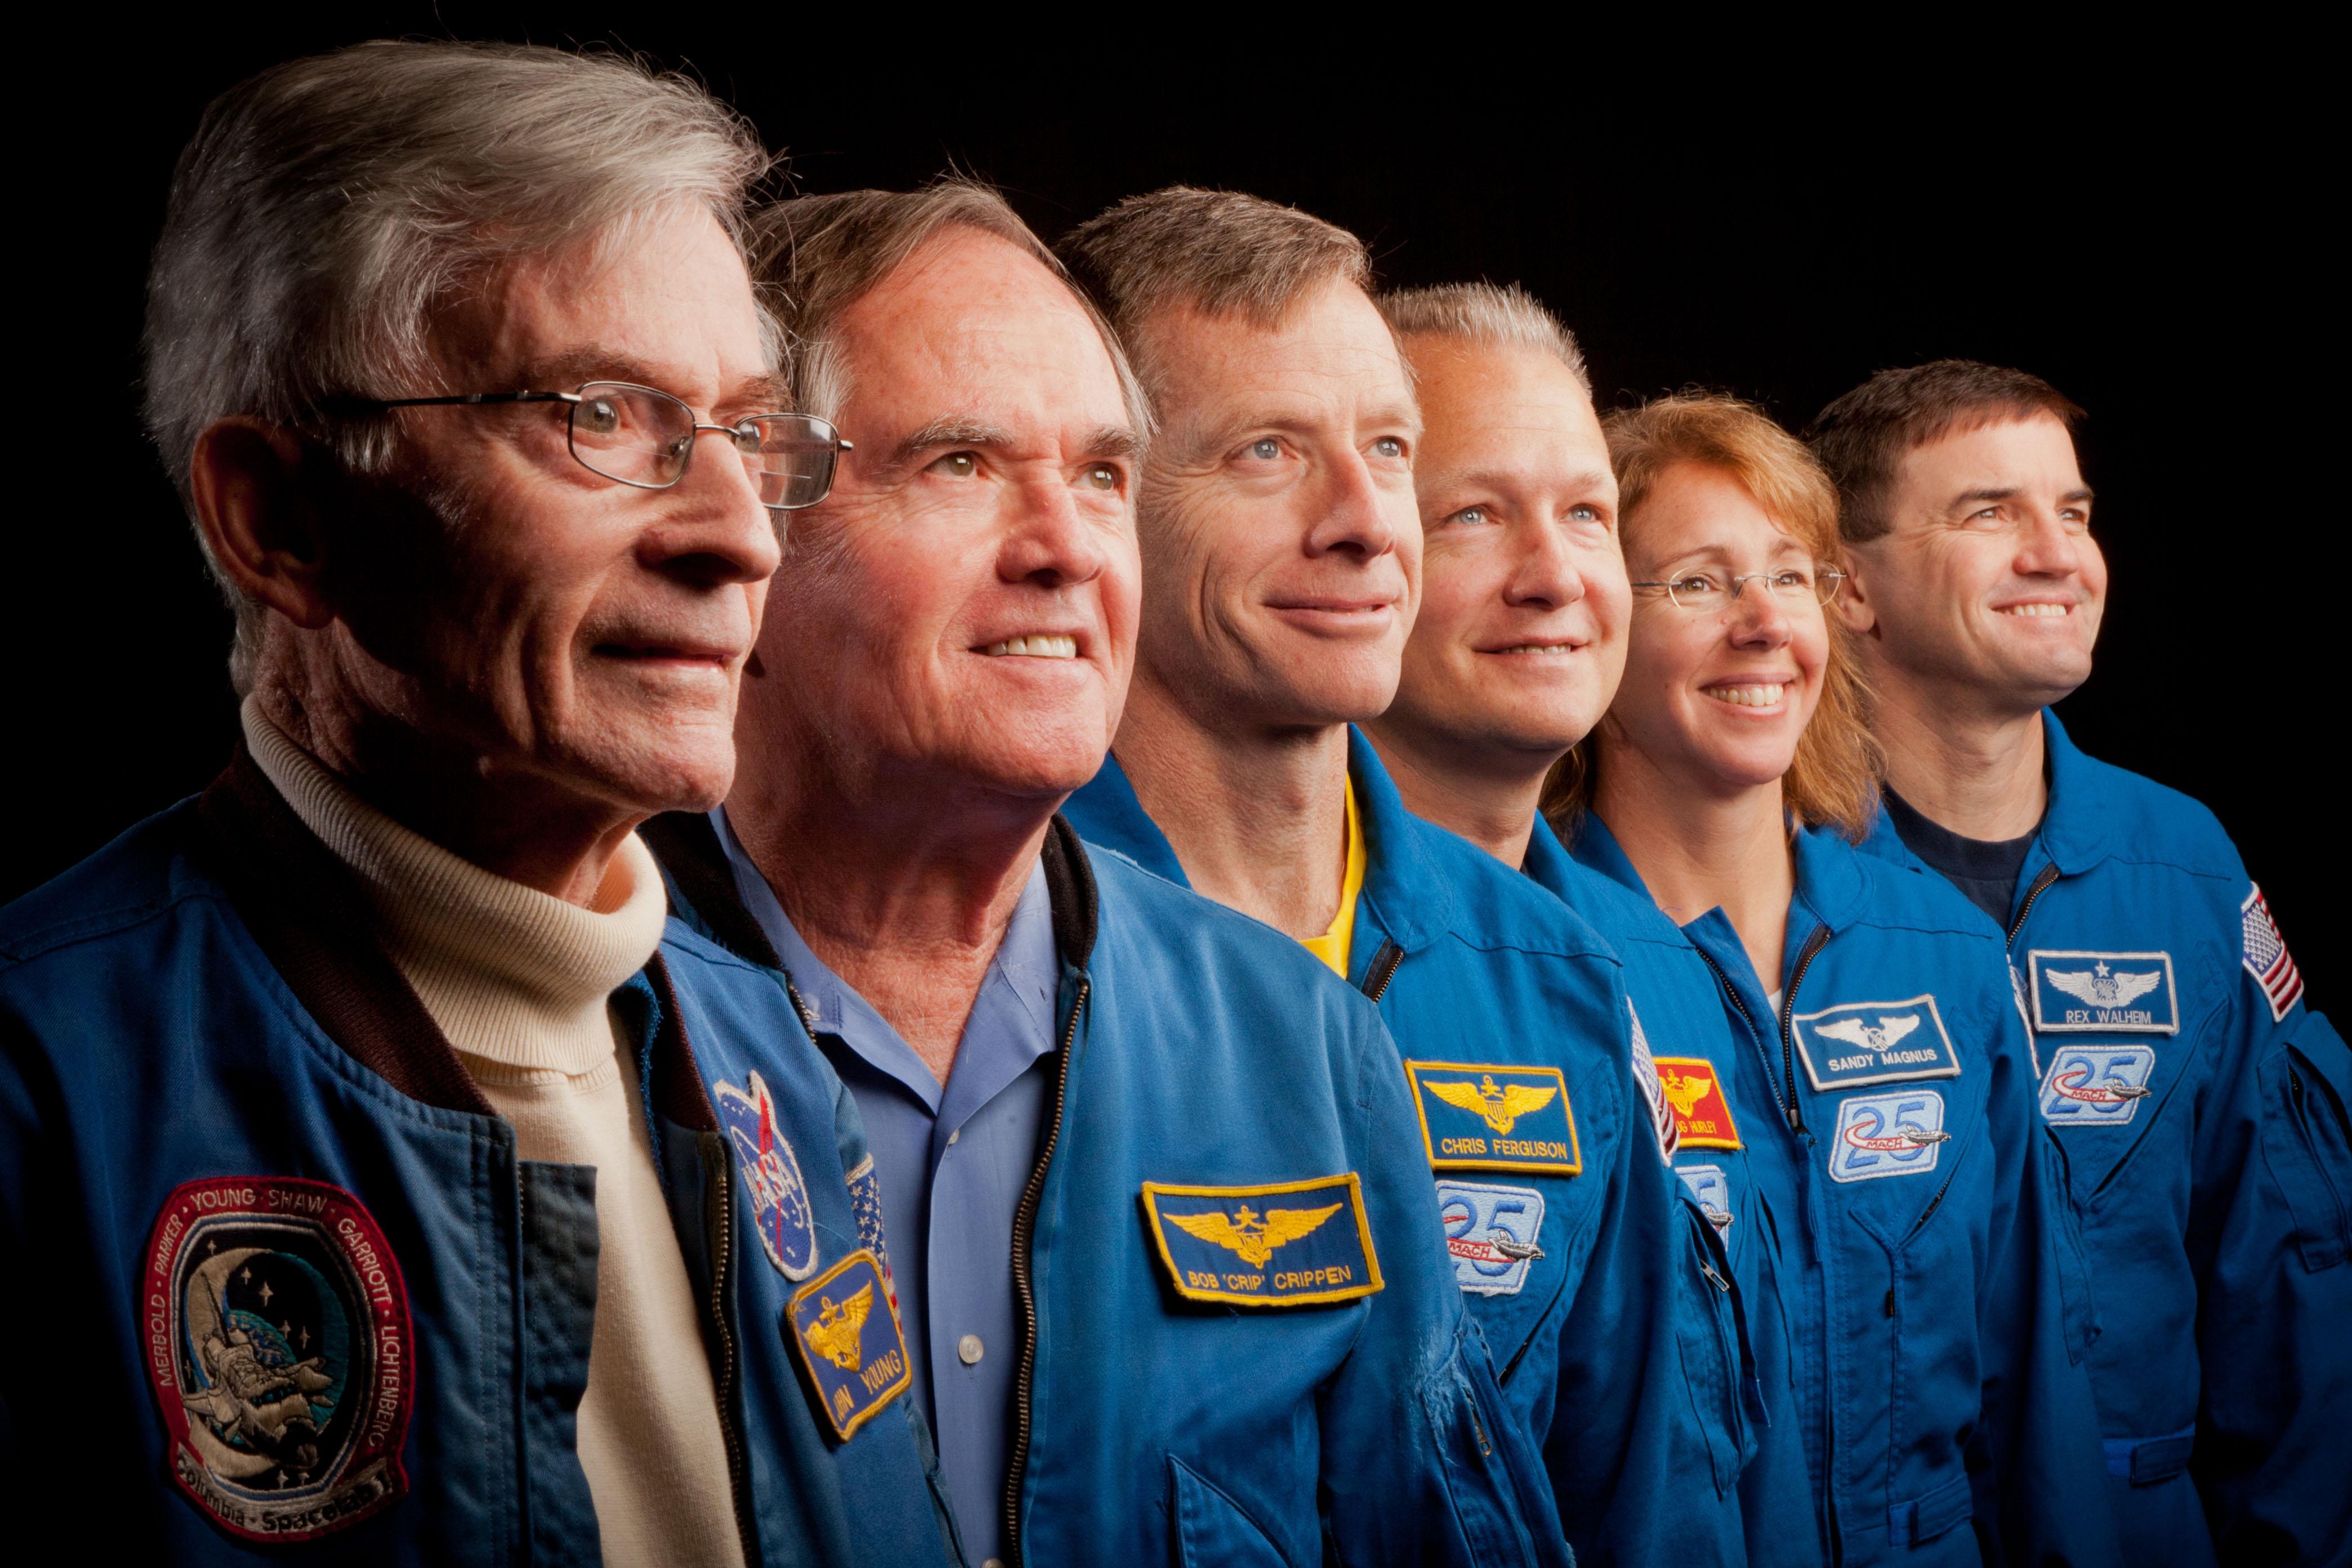 First & Last Space Shuttle Crews Meet